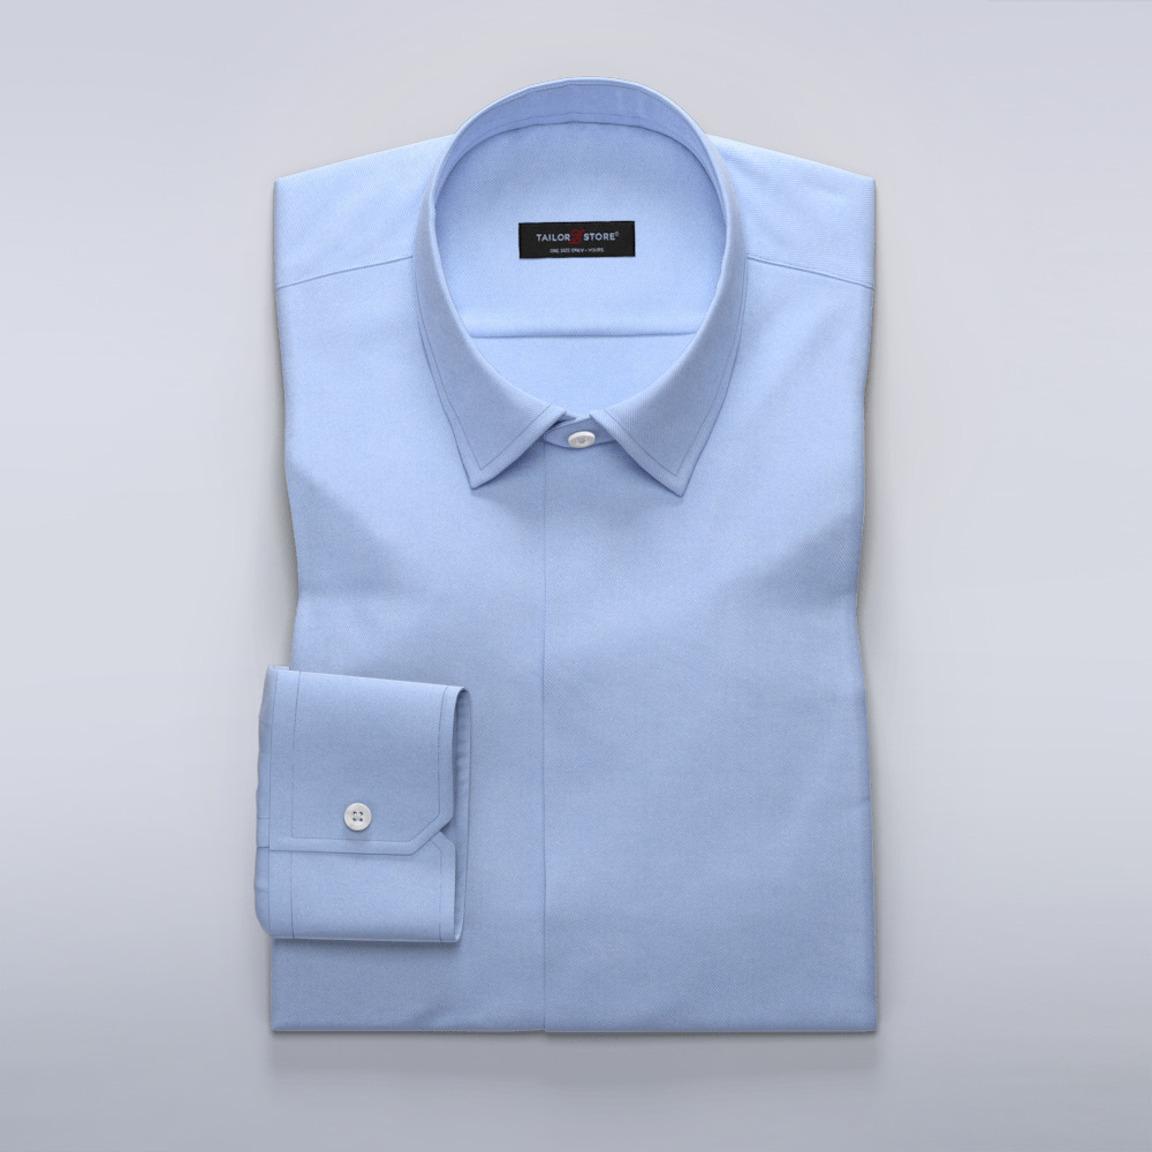 Damskjorta i blå twill